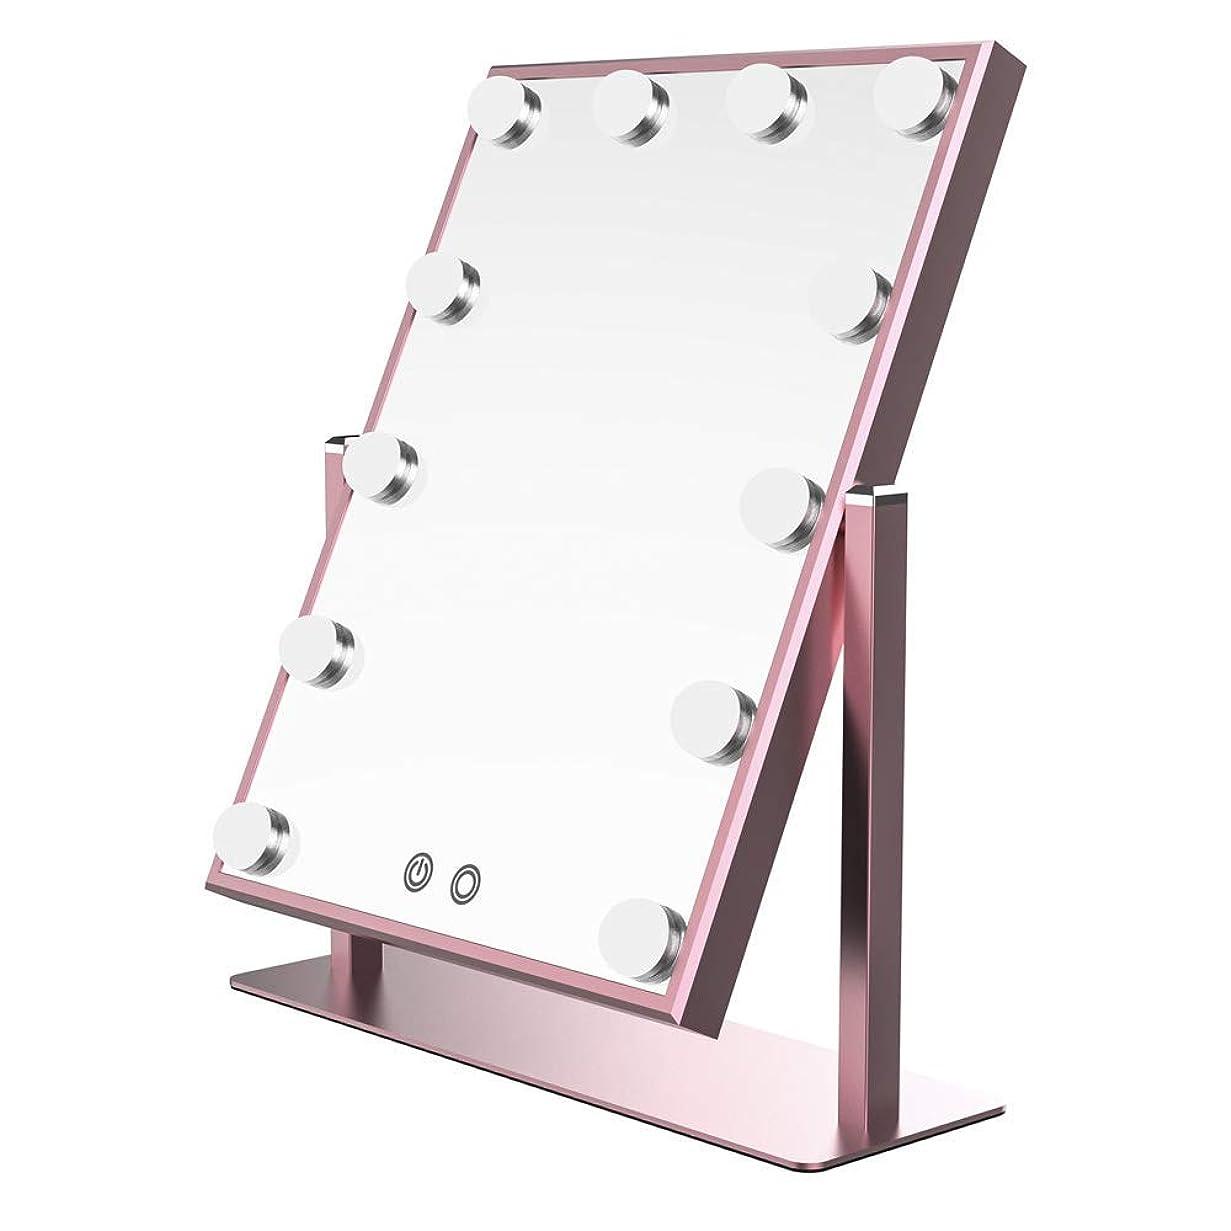 サーマル雪だるまを作る土砂降りWonstart 化粧鏡 女優ミラー 12個led電球付 2つの色温度 明るさ調整可 ハリウッドミラー 卓上鏡 ledミラー (ピンク)